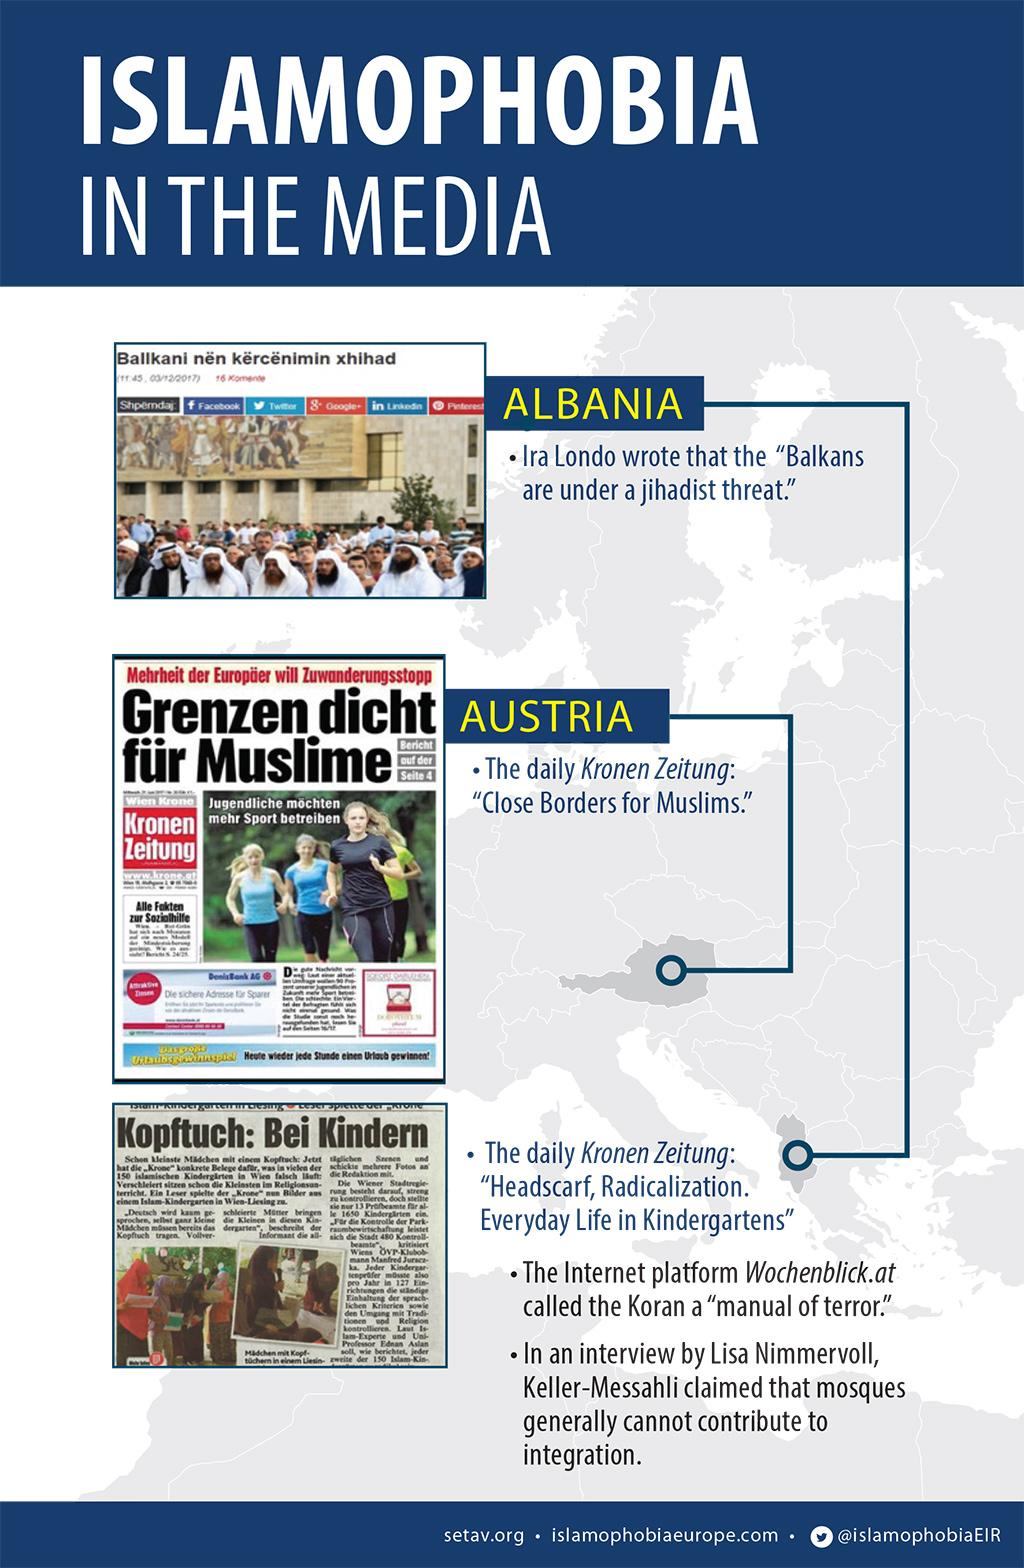 Islamohobia in the Media